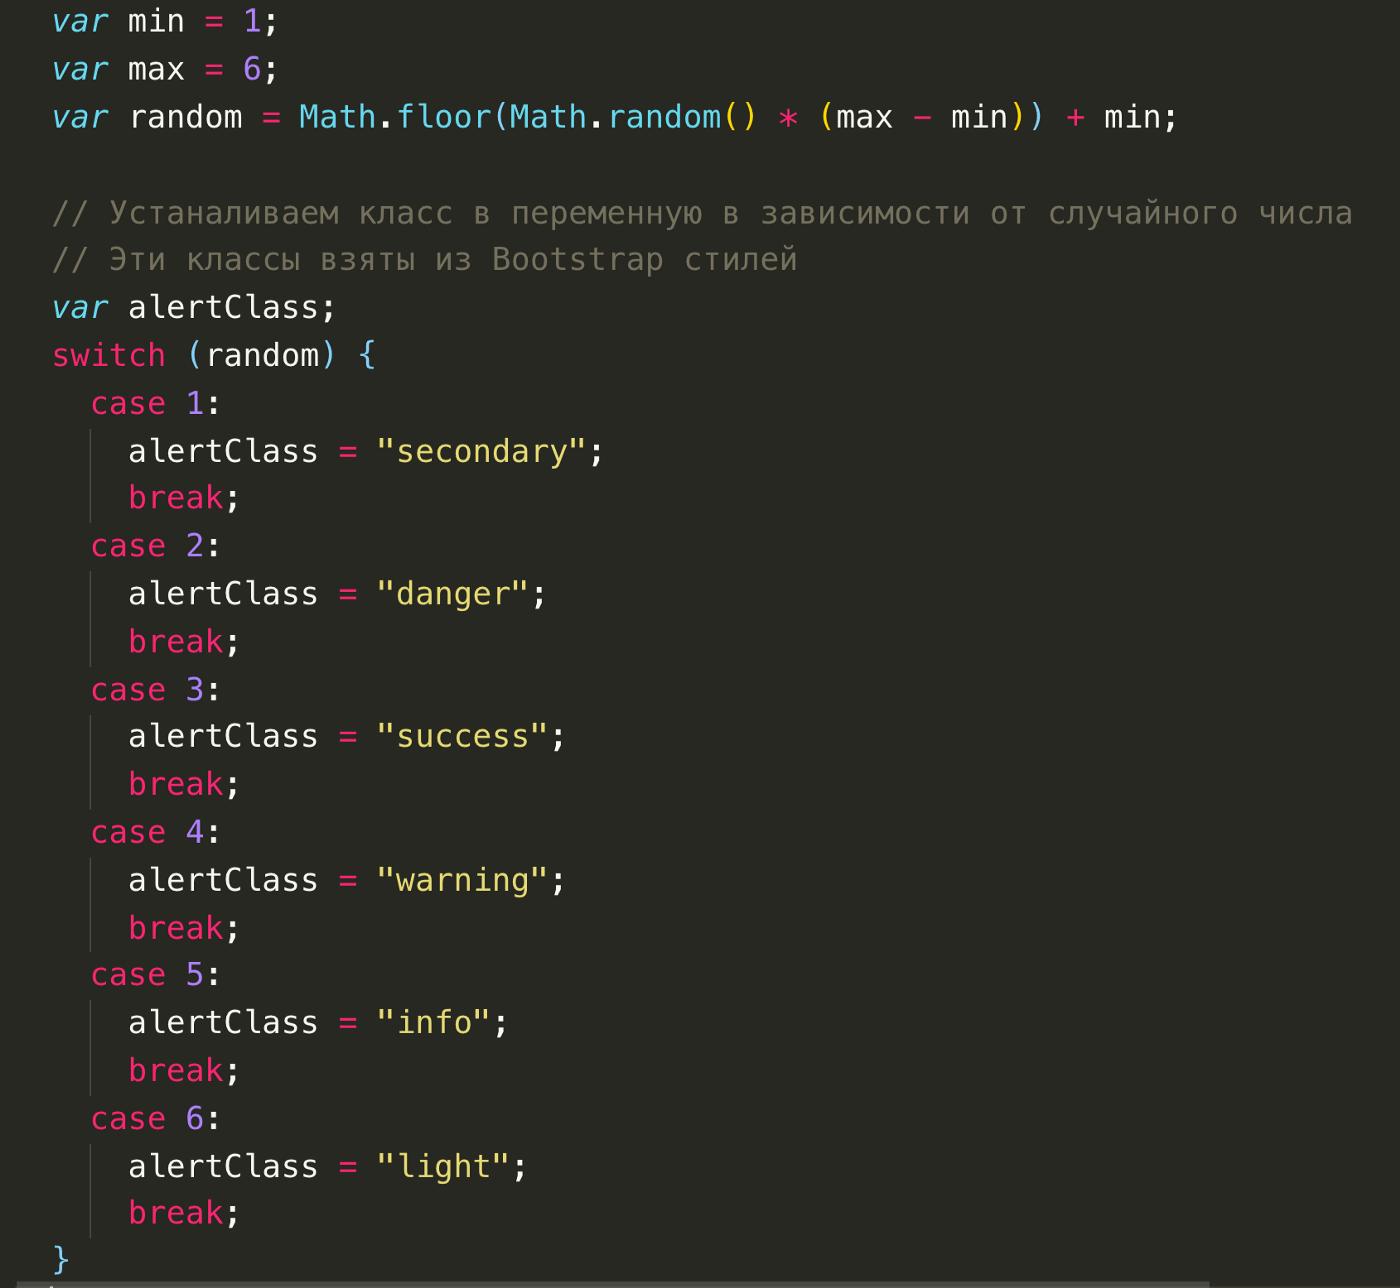 Создаем приложение для чата с помощью node.js и socket.io